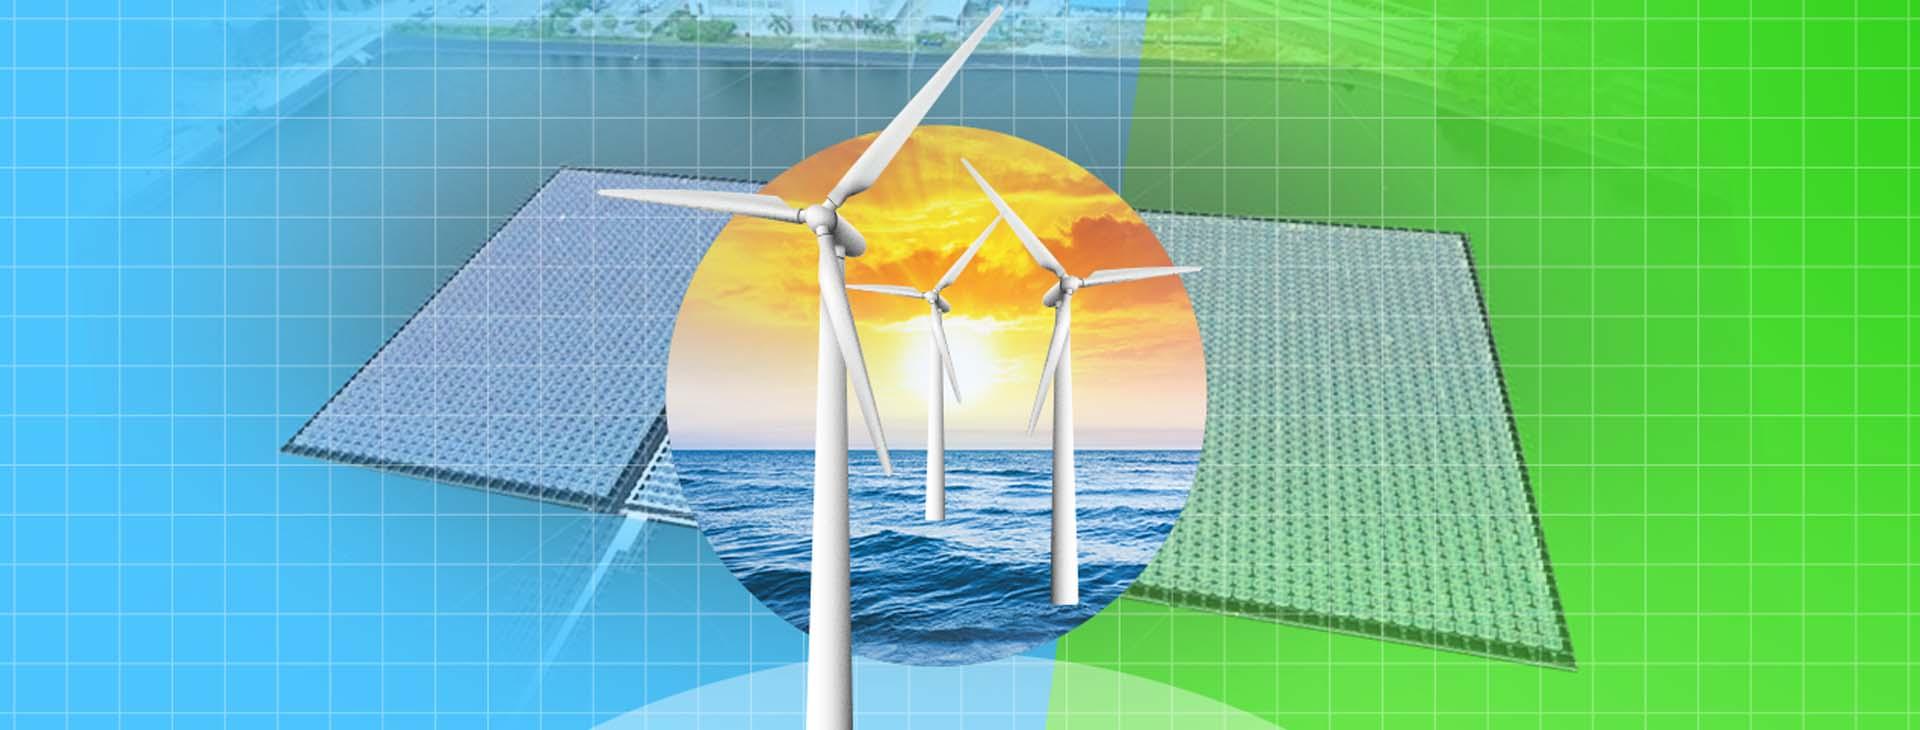 สรุป 6 เรื่องห้ามพลาด โอกาสเติบโตของพลังงานแสงอาทิตย์ในไทย